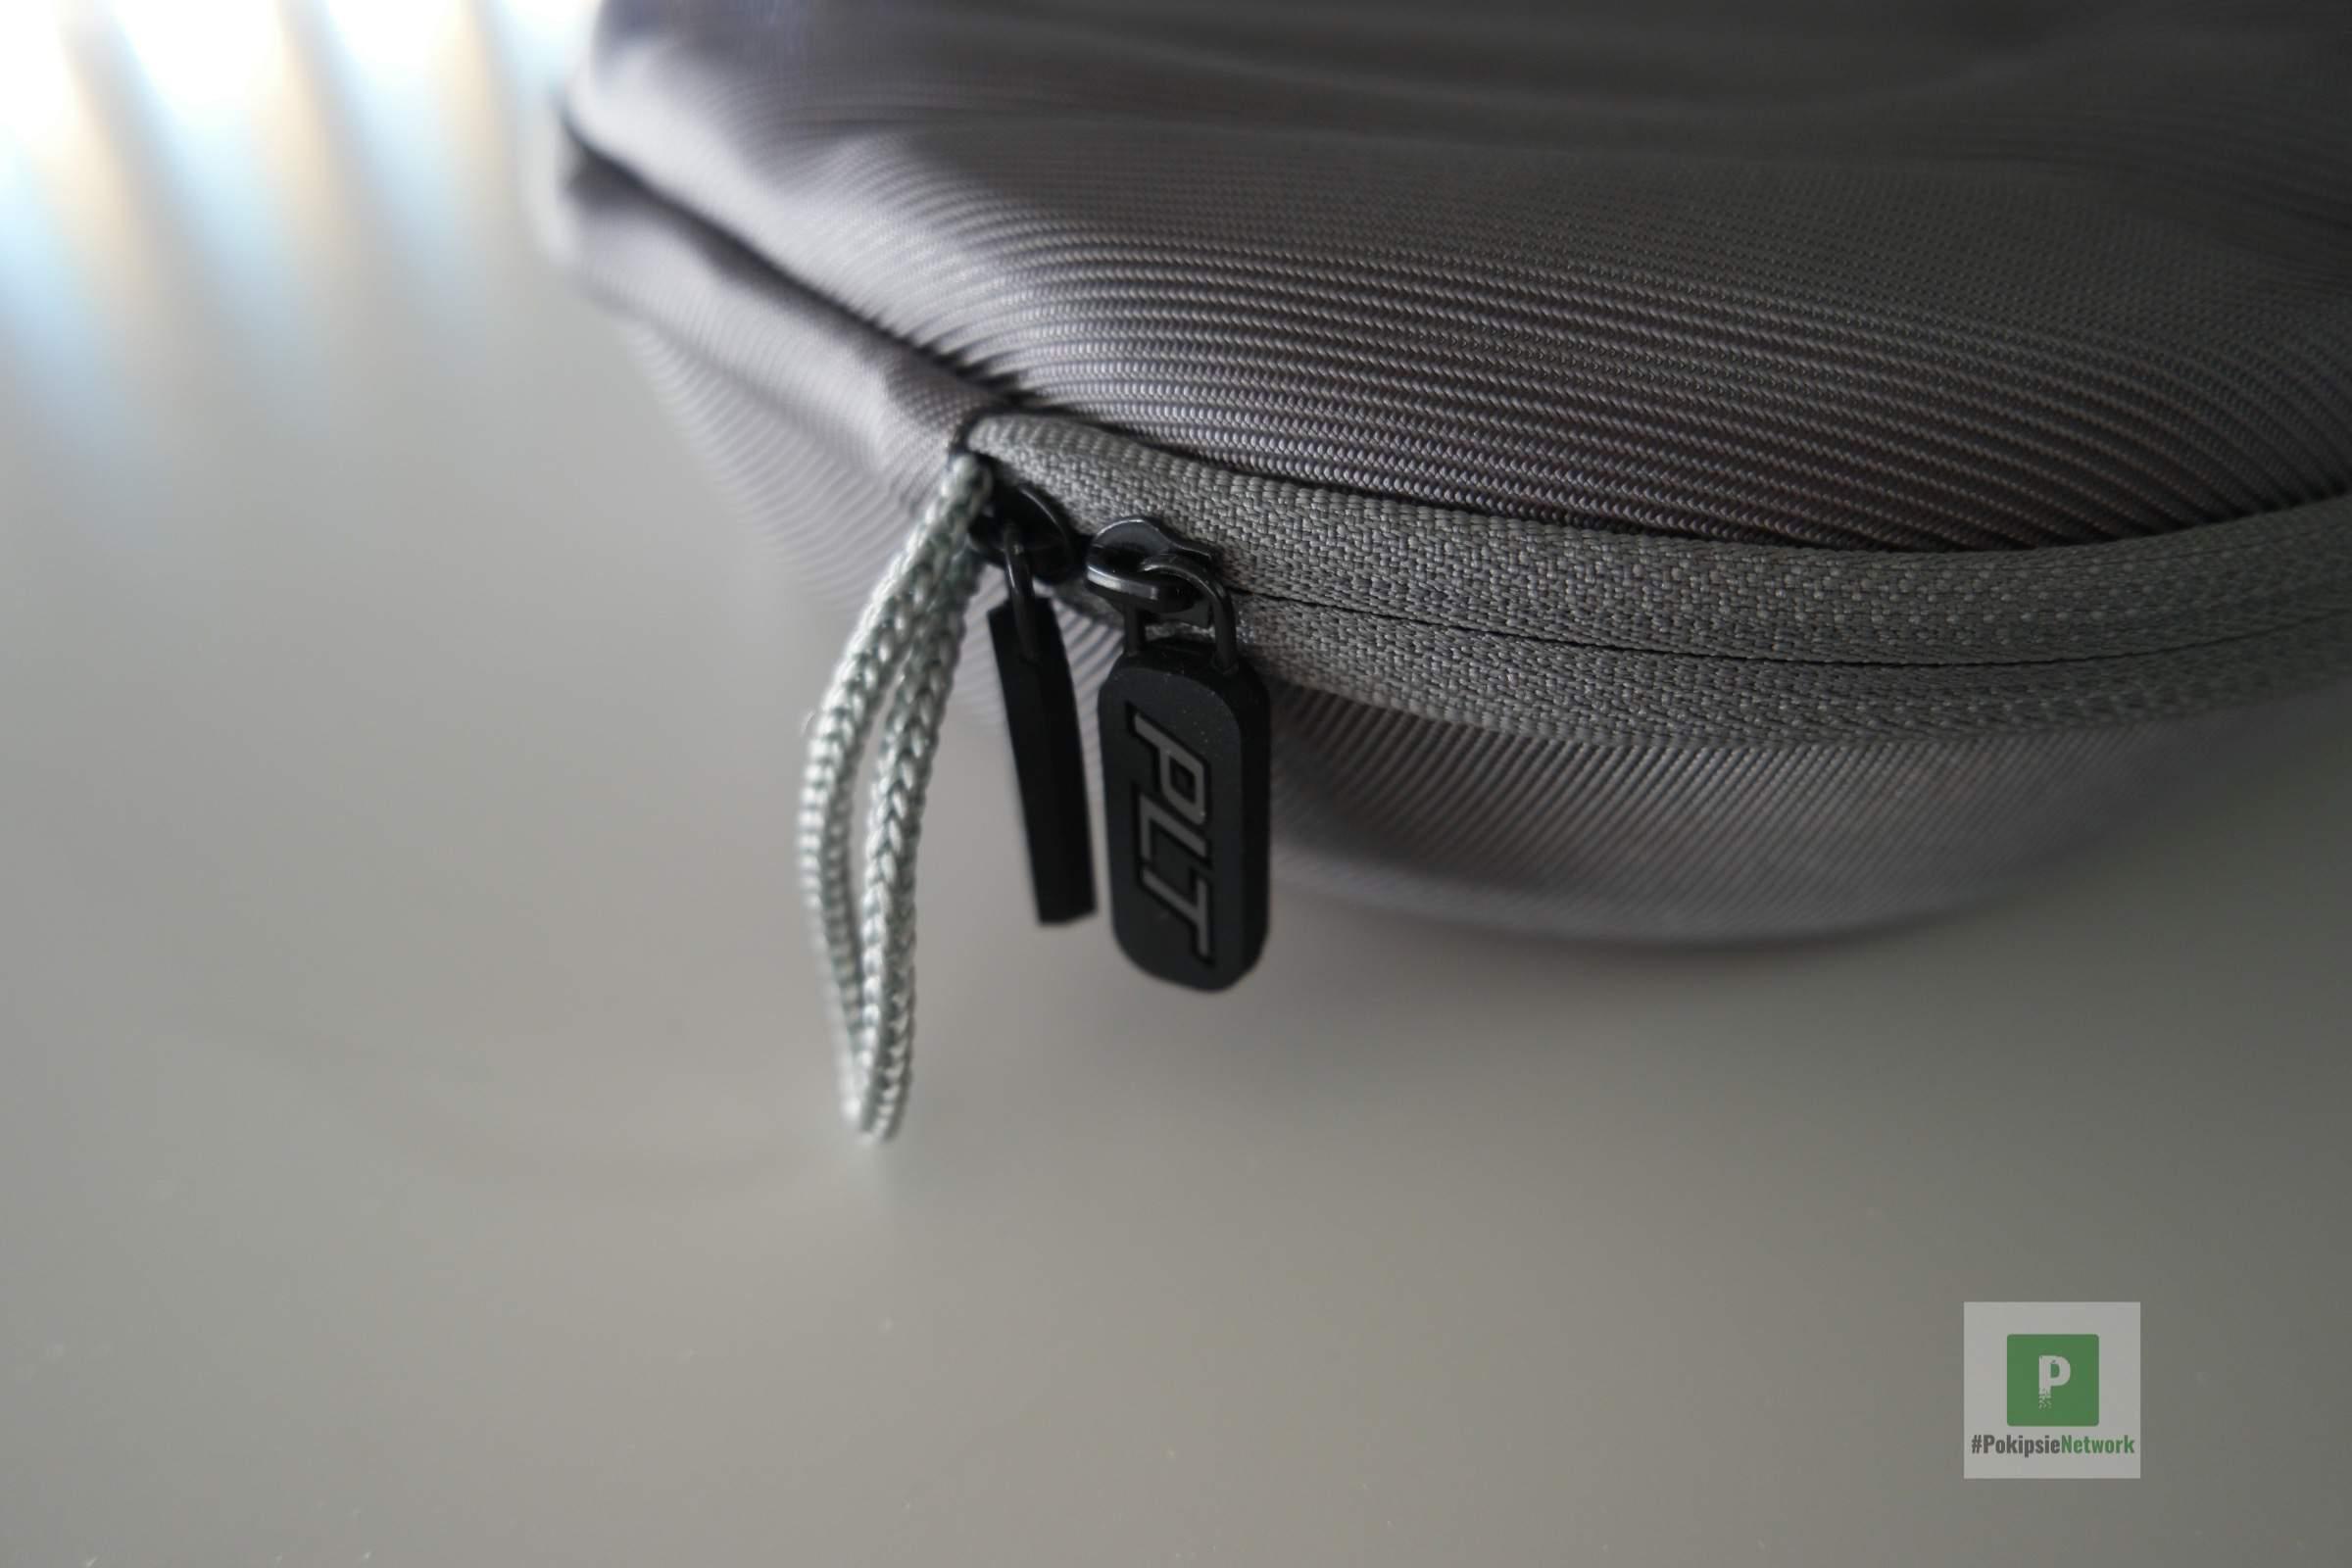 Zwei Zipper am Reissverschluss